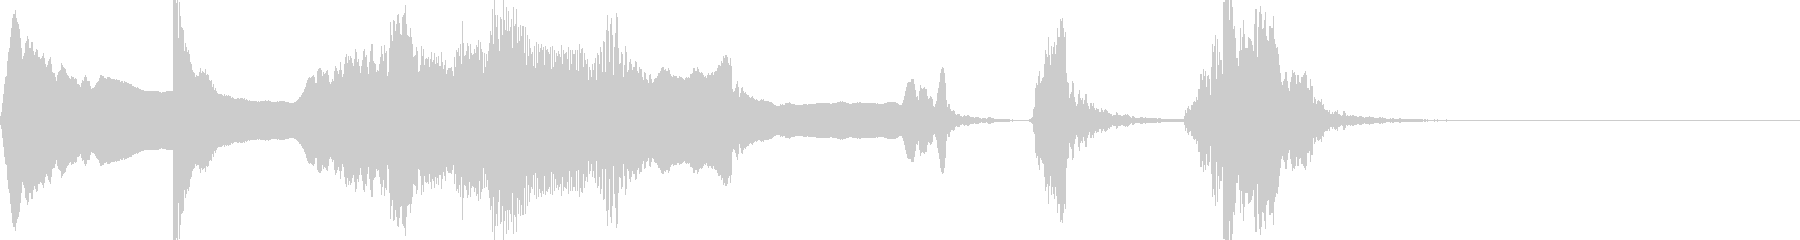 本格歌舞伎掛け声ジングル 1.3の未再生の波形